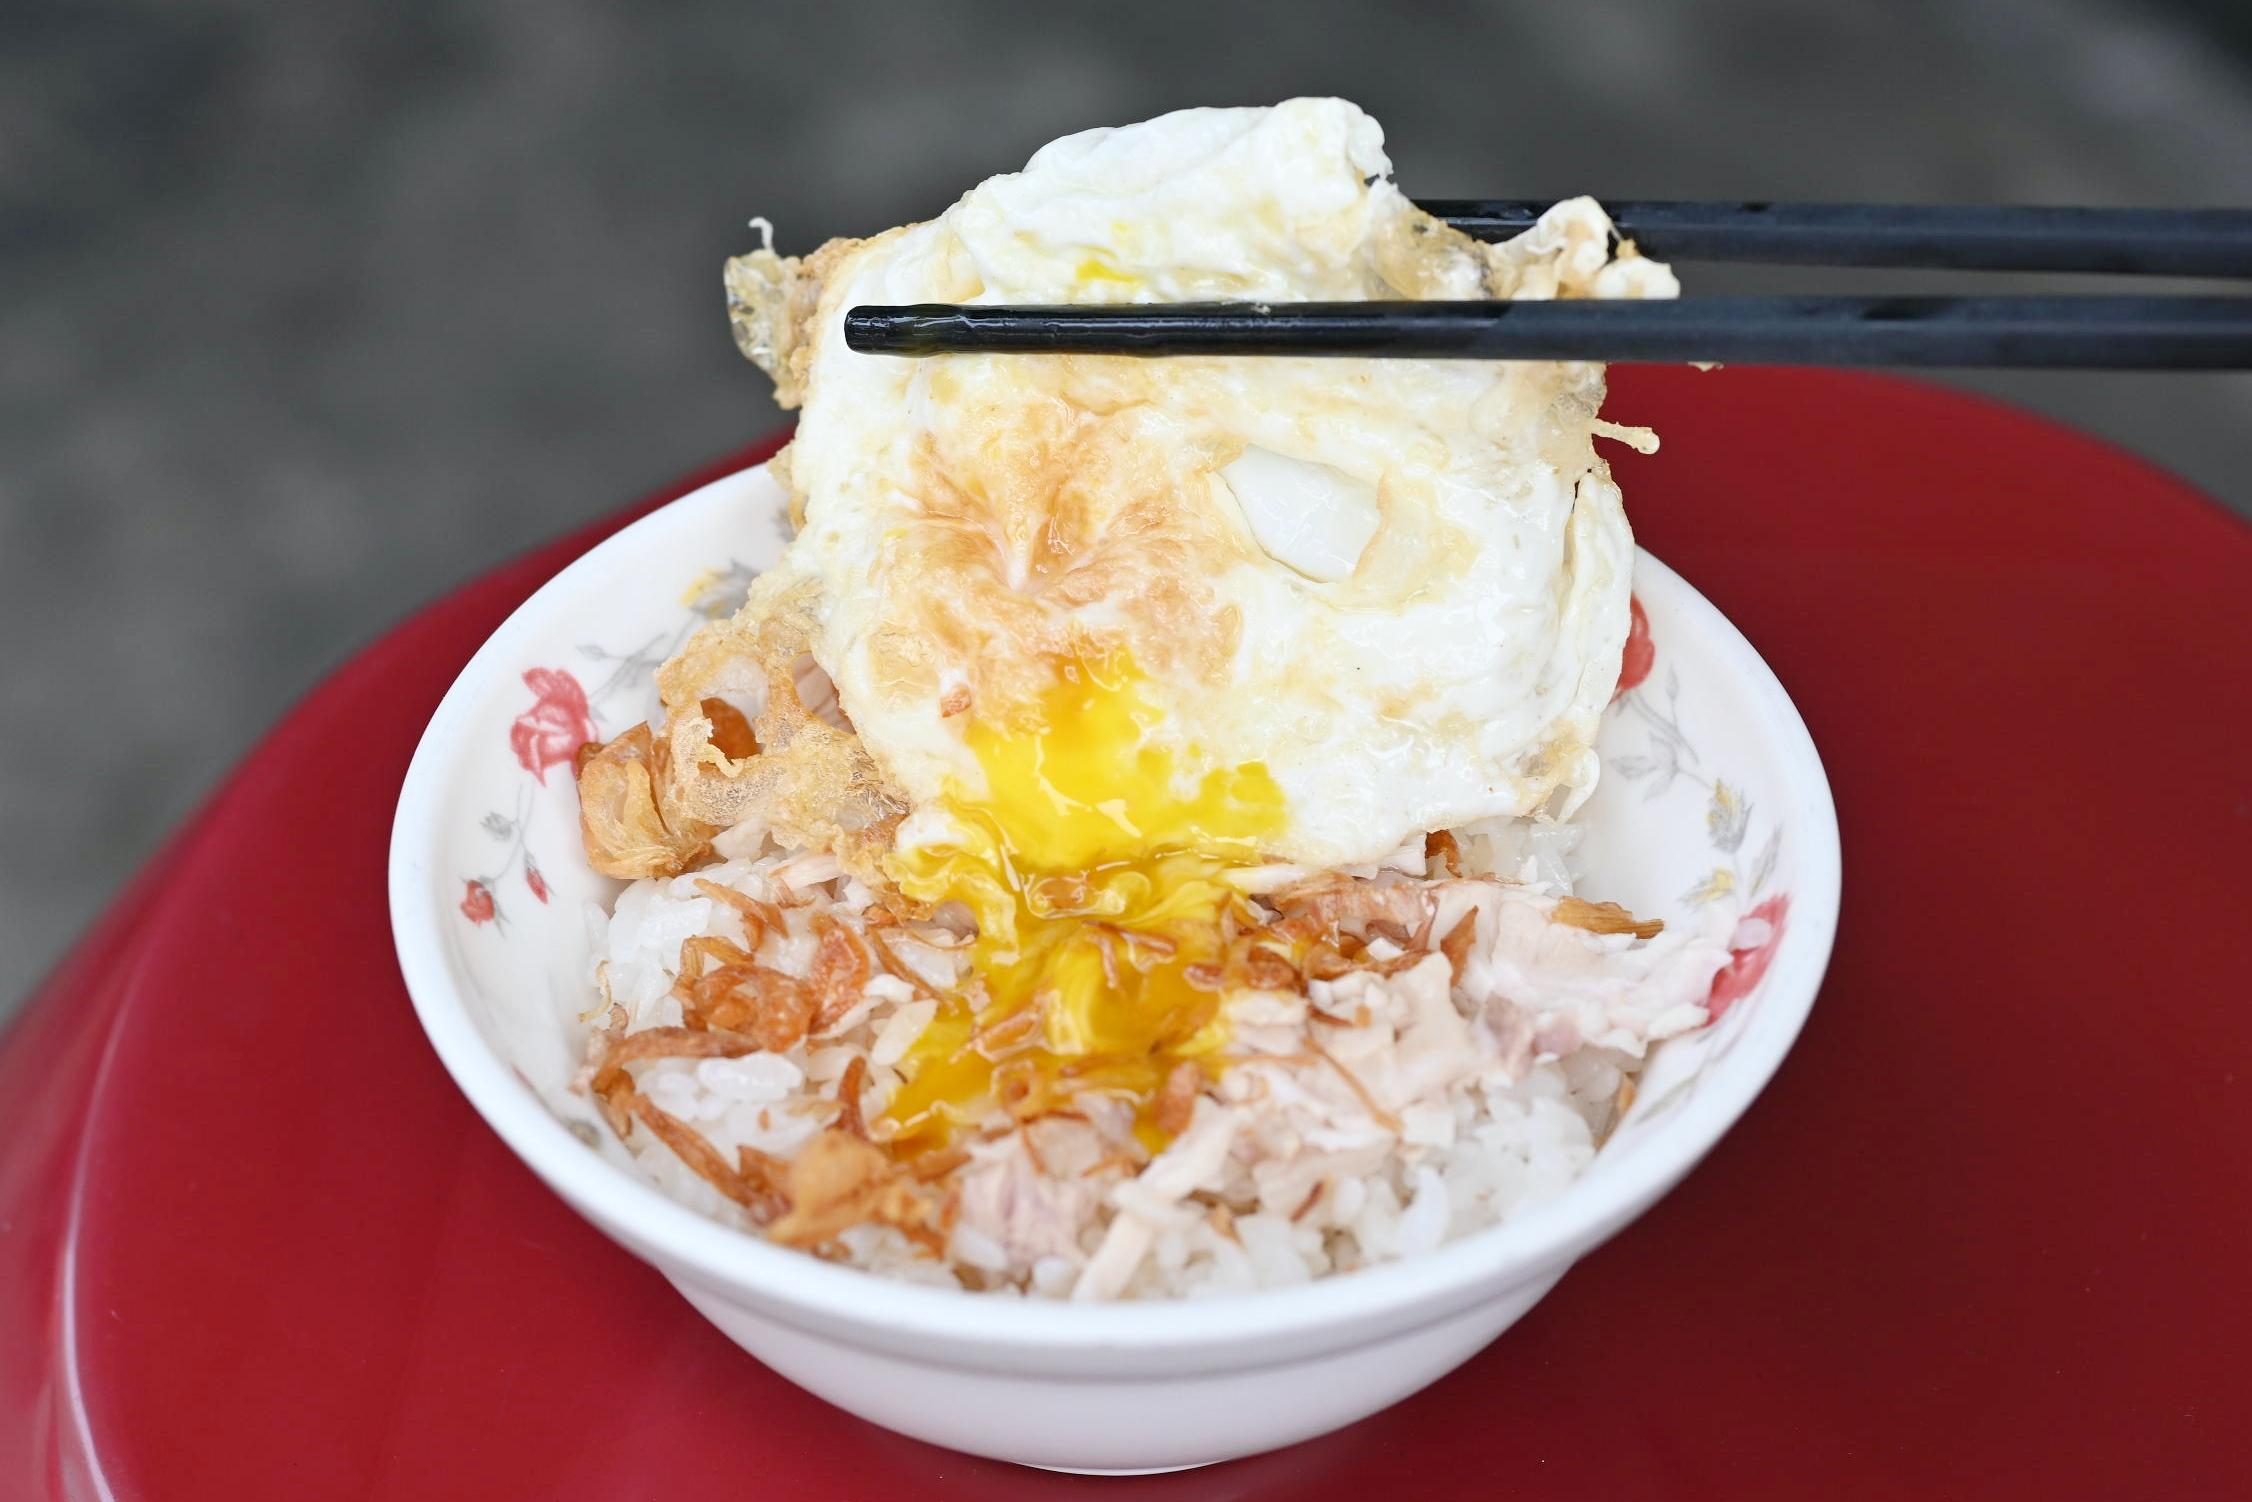 網站近期文章:【嘉義火雞肉飯推薦】嘉義公園火雞肉飯,油蔥系雞肉飯要搬家了